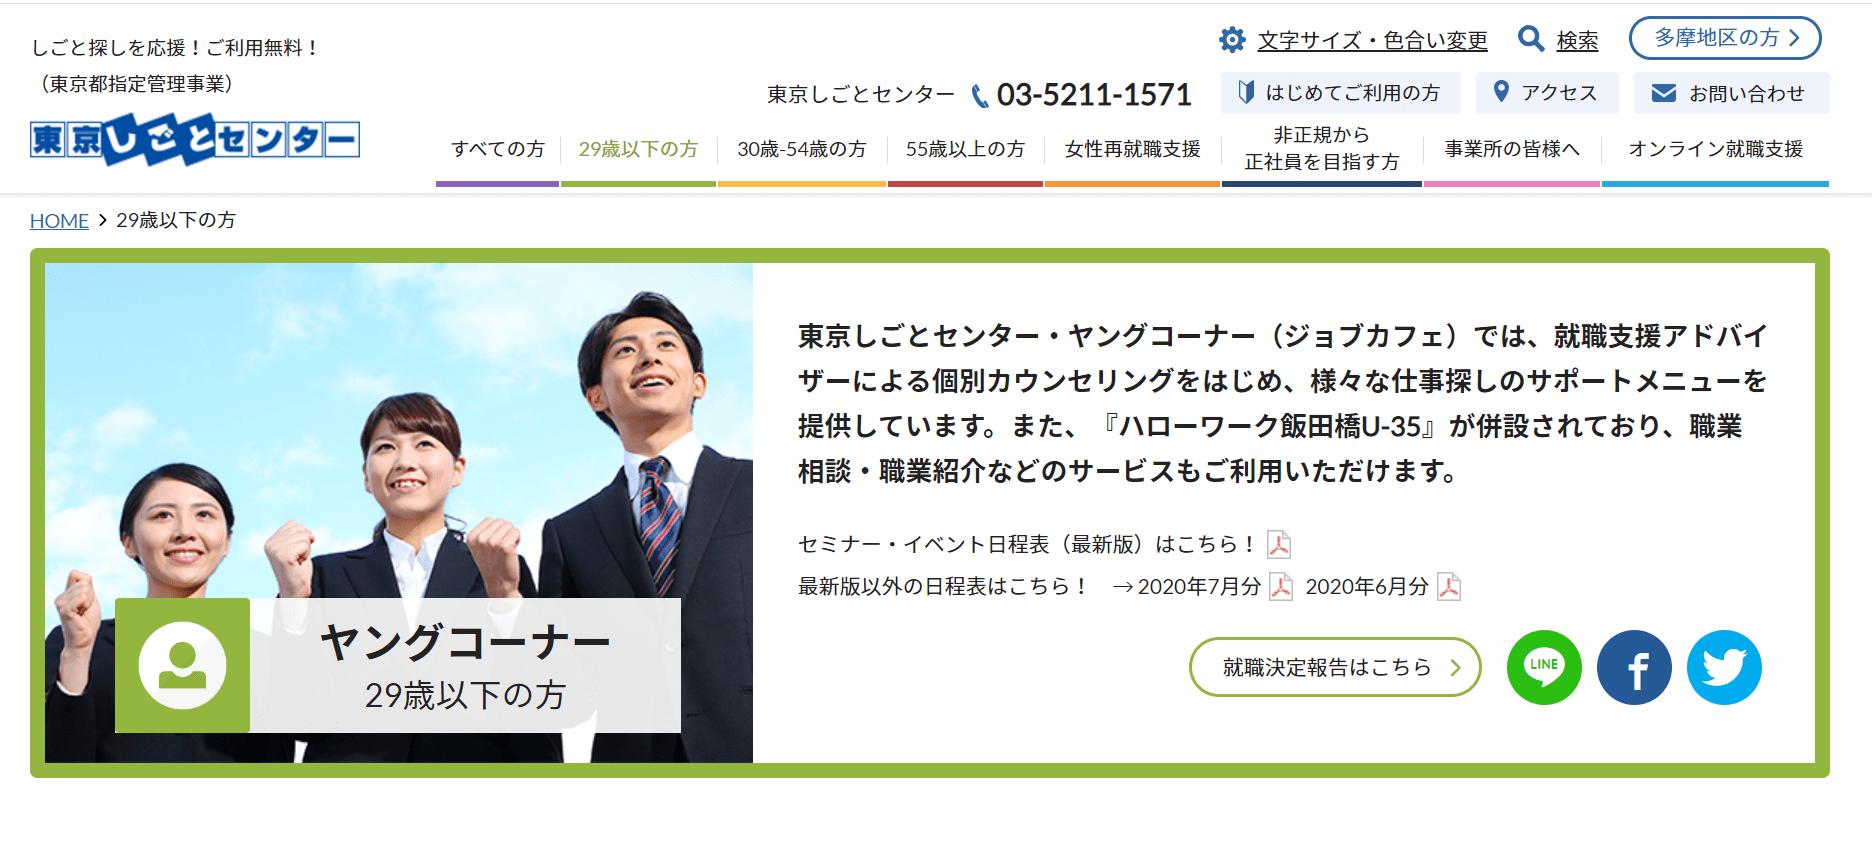 東京しごとセンターのホームページ